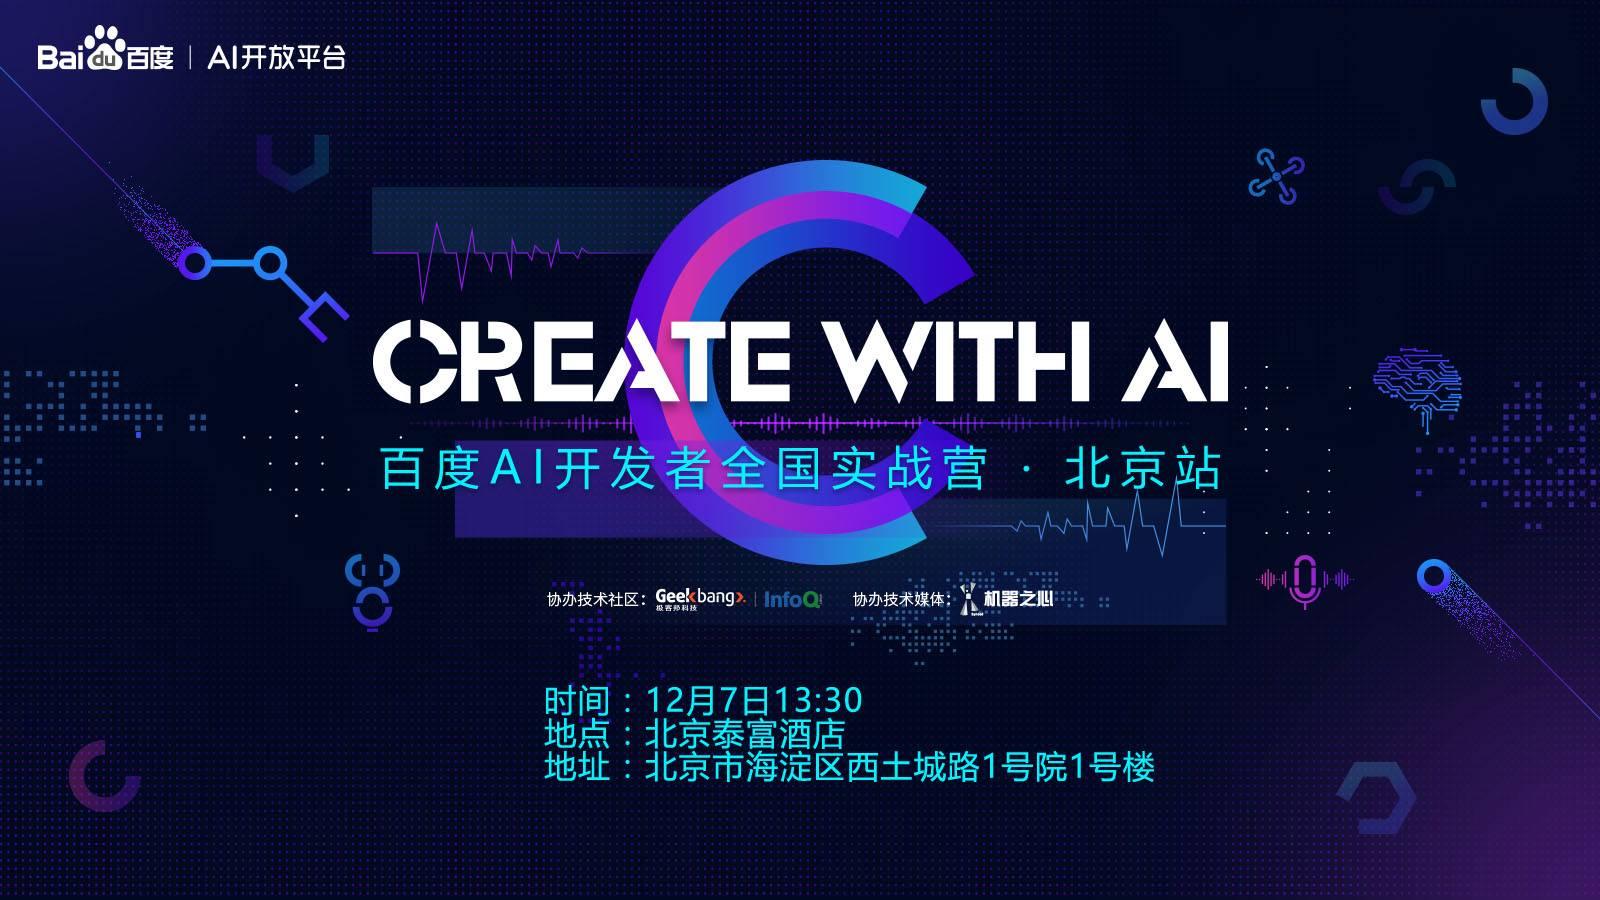 百度AI开发者实战营本周四在京收官,AI加速器首期学员将在现场入营